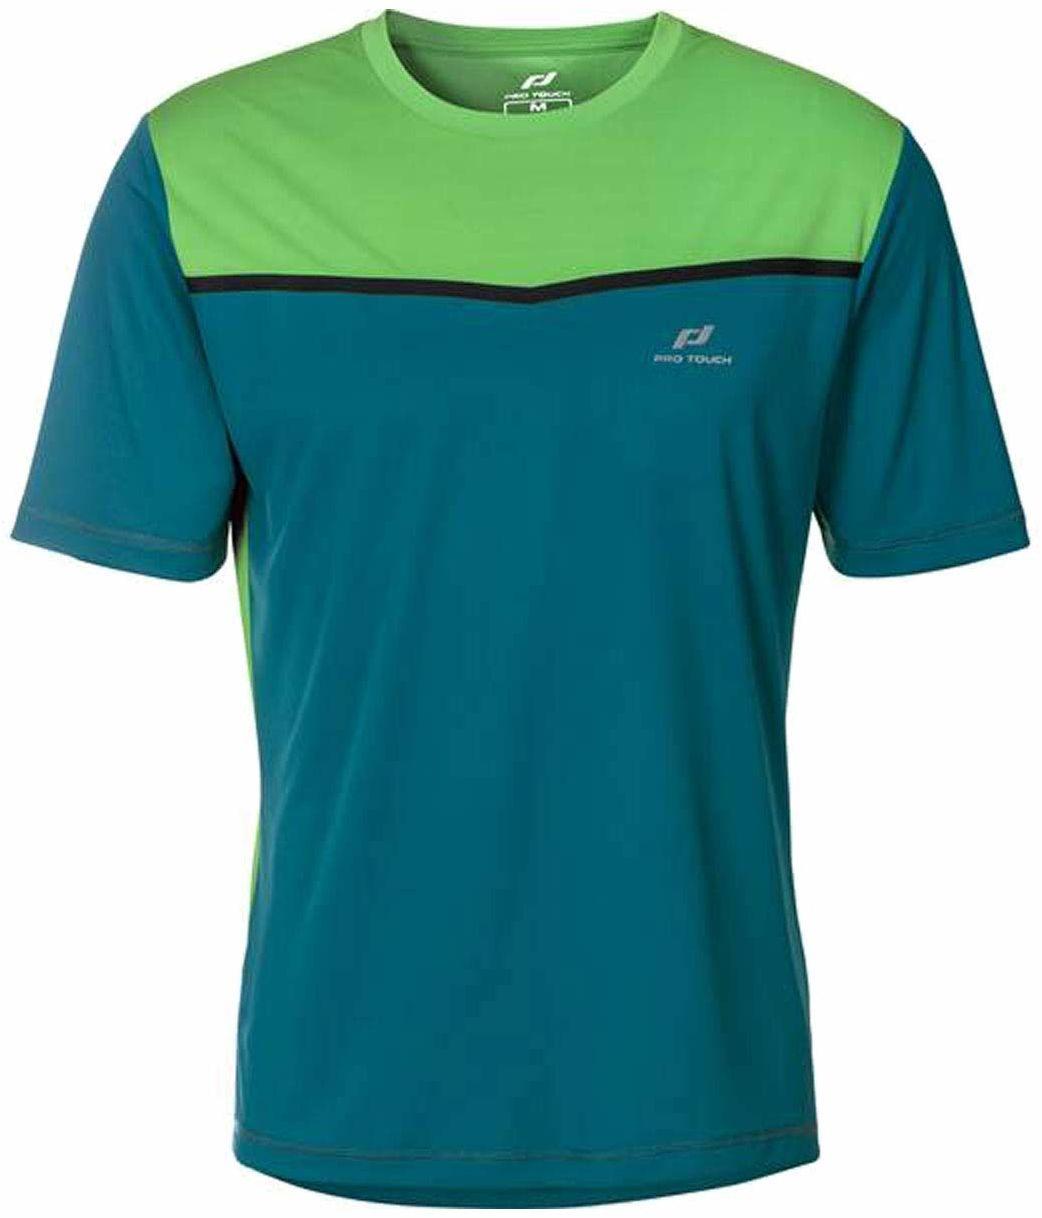 Pro Touch Aksel T-Shirt męski, Blueaqua/Green, XL